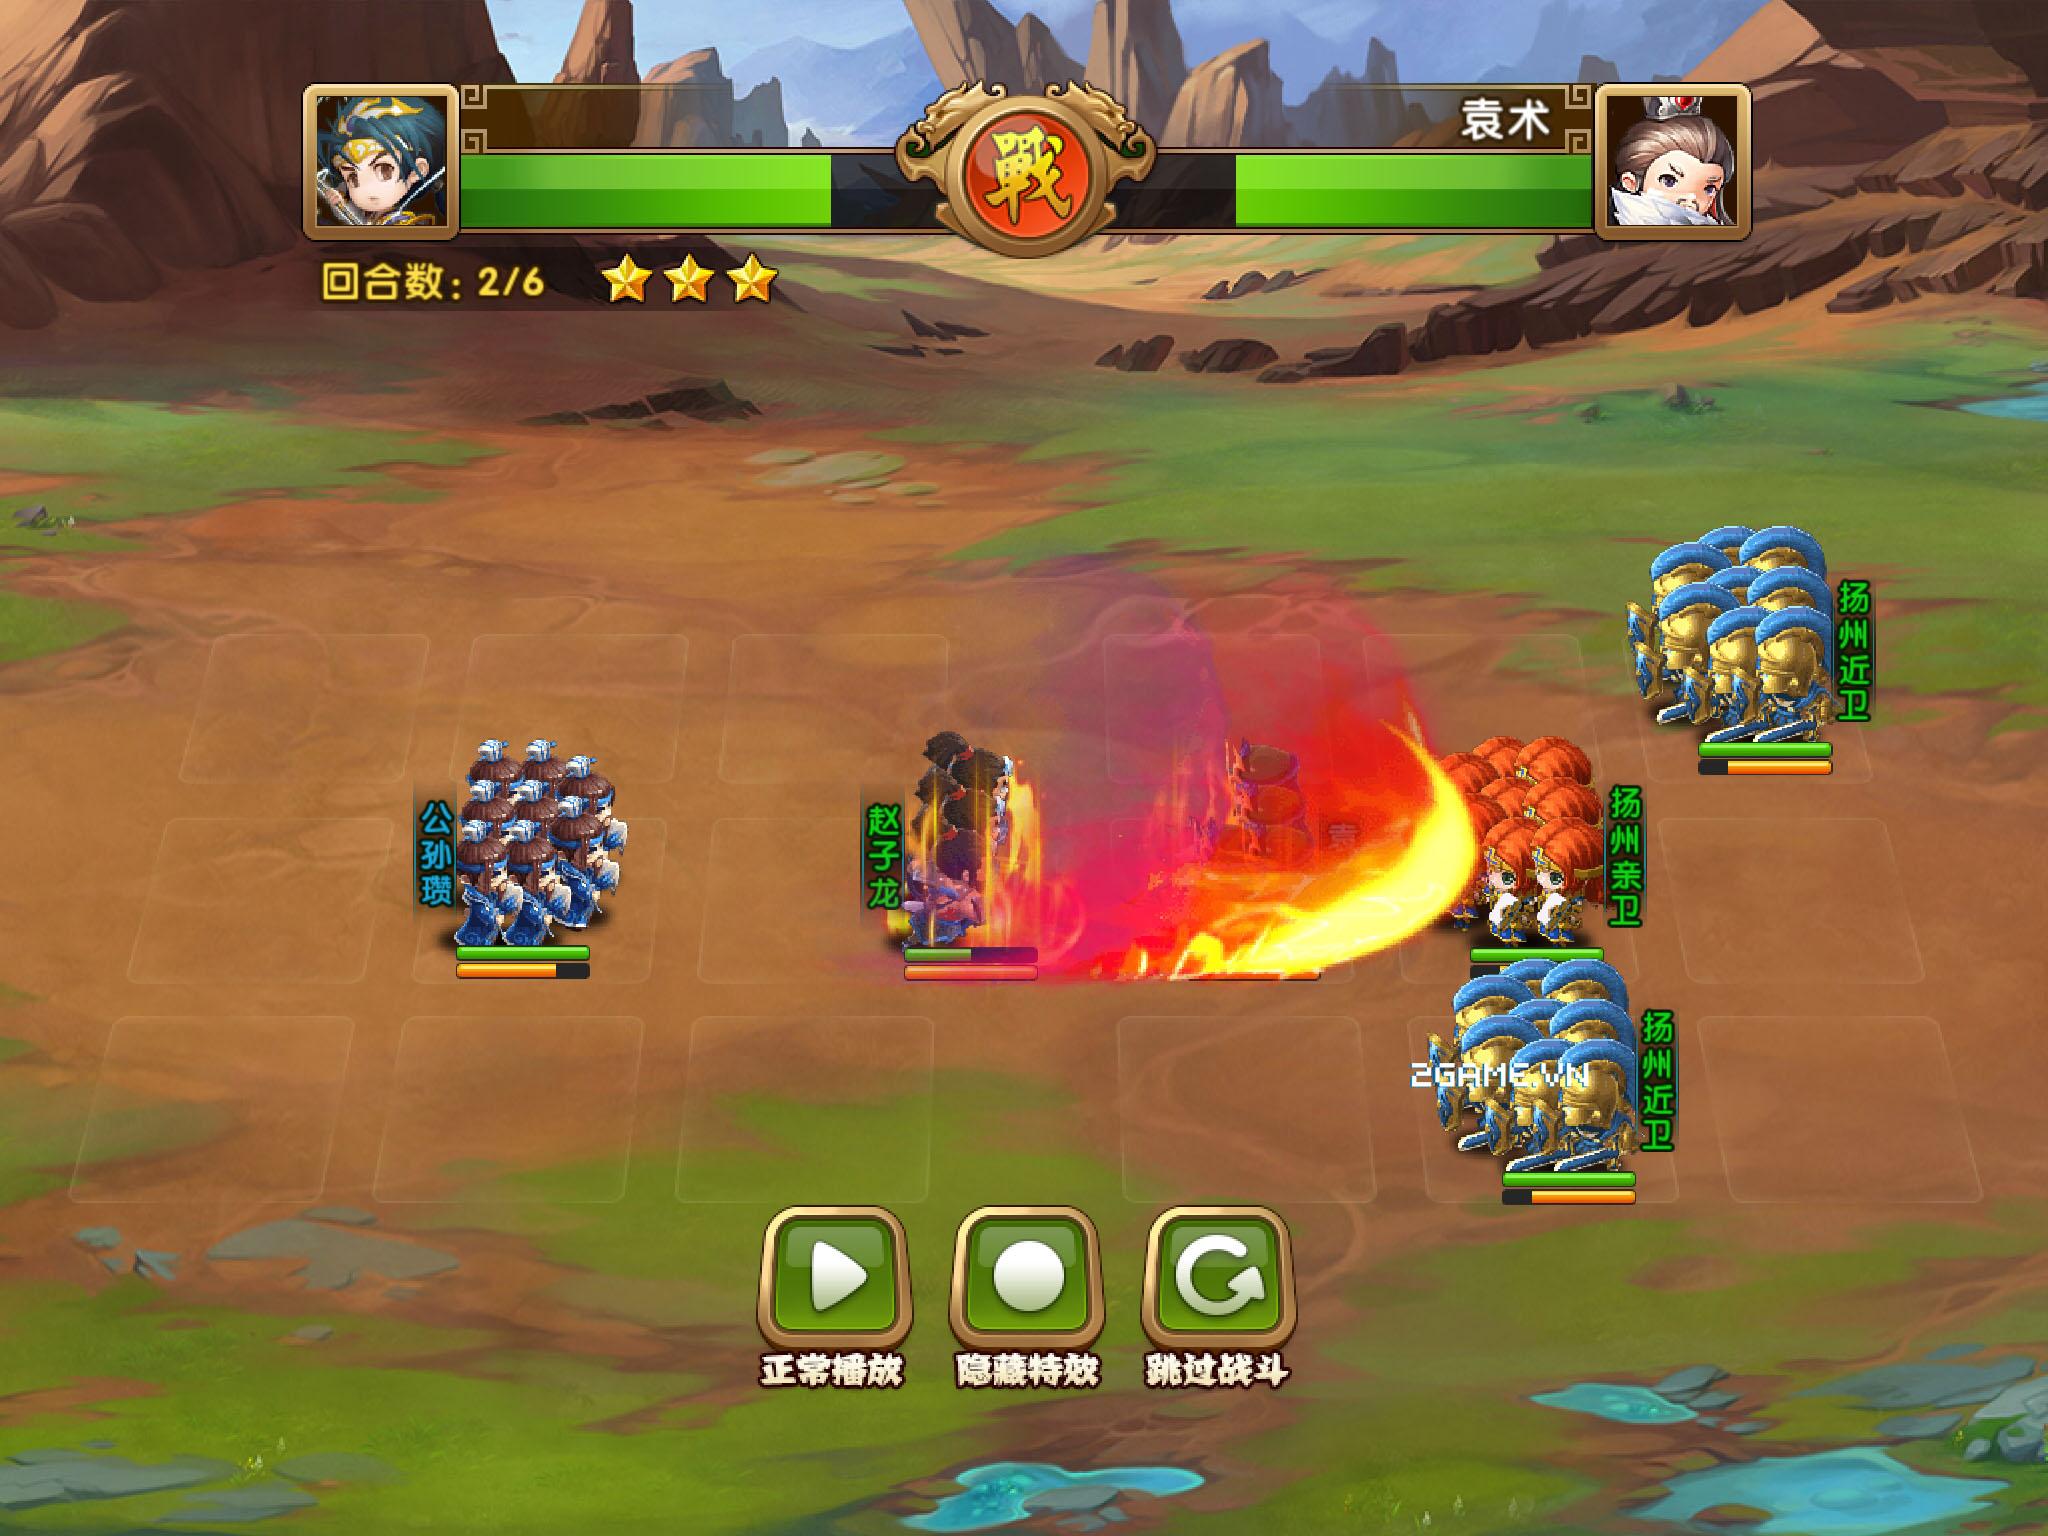 Ngọc Rồng Tam Quốc - Khi sử 3Q kết hợp cùng Dragon Ball 11